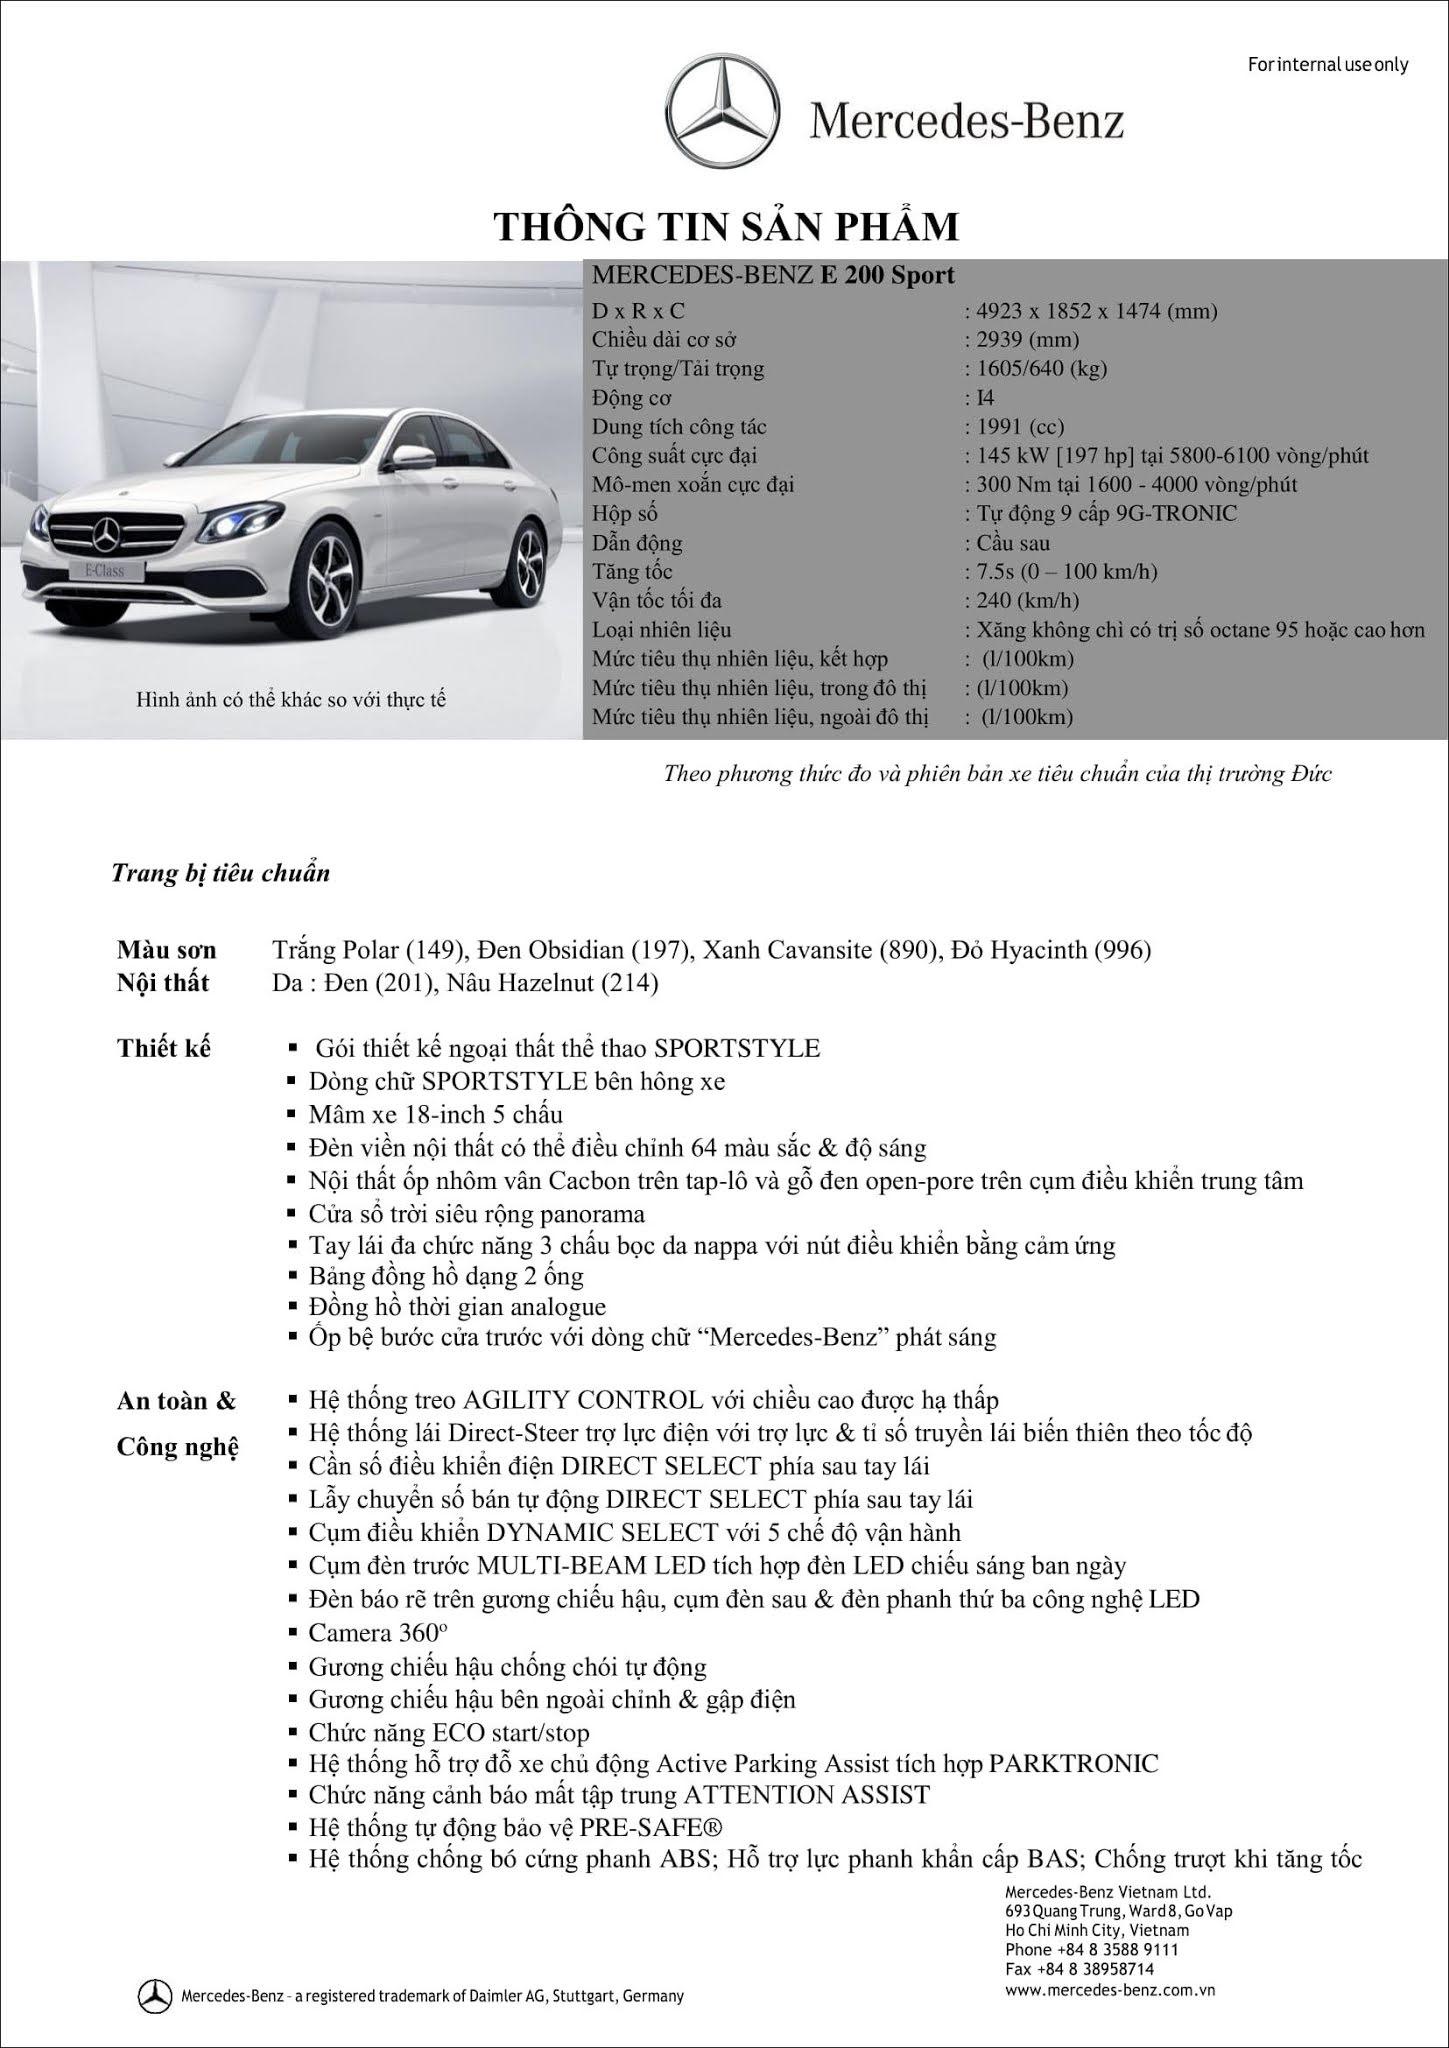 Bảng thông số kỹ thuật Mercedes E200 Sport 2019 tại thị trường Việt Nam